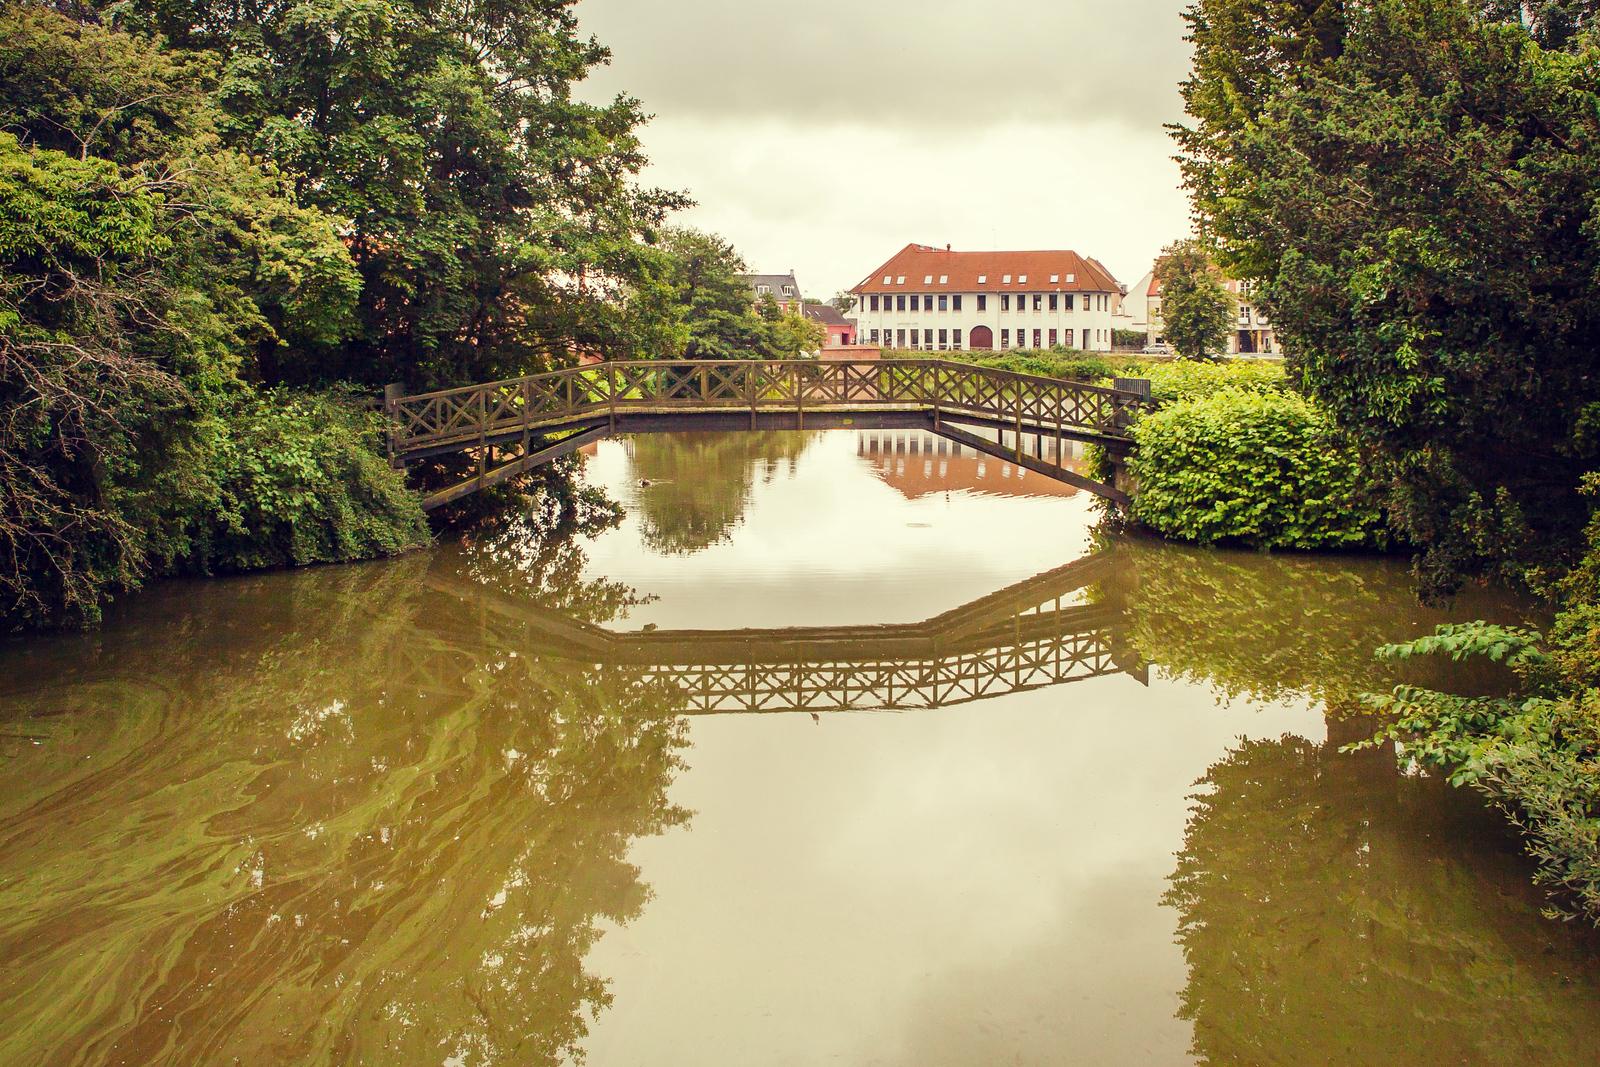 丹麦腓特烈堡城堡,周边街景